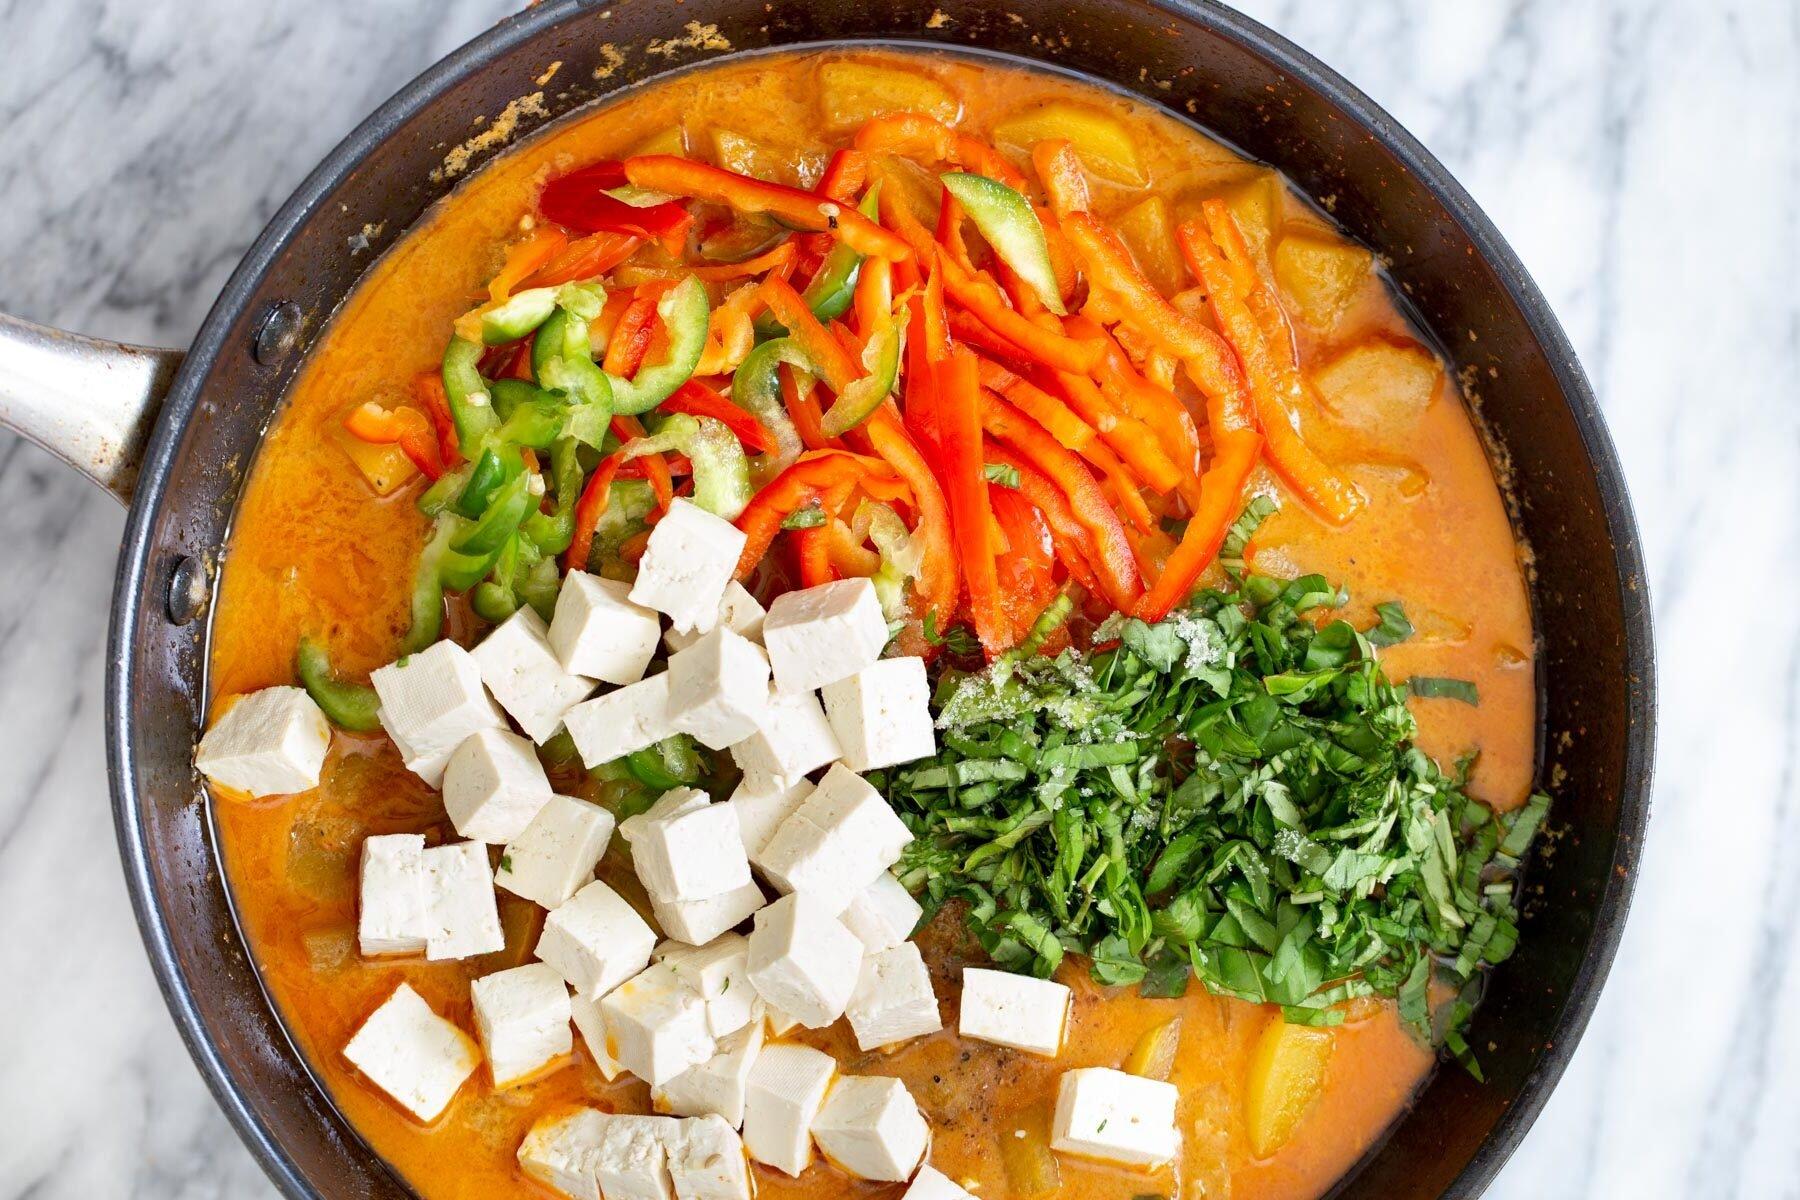 टोफू और सब्जियों को एक सॉस पैन में नारियल शोरबा में जोड़ा जा रहा है